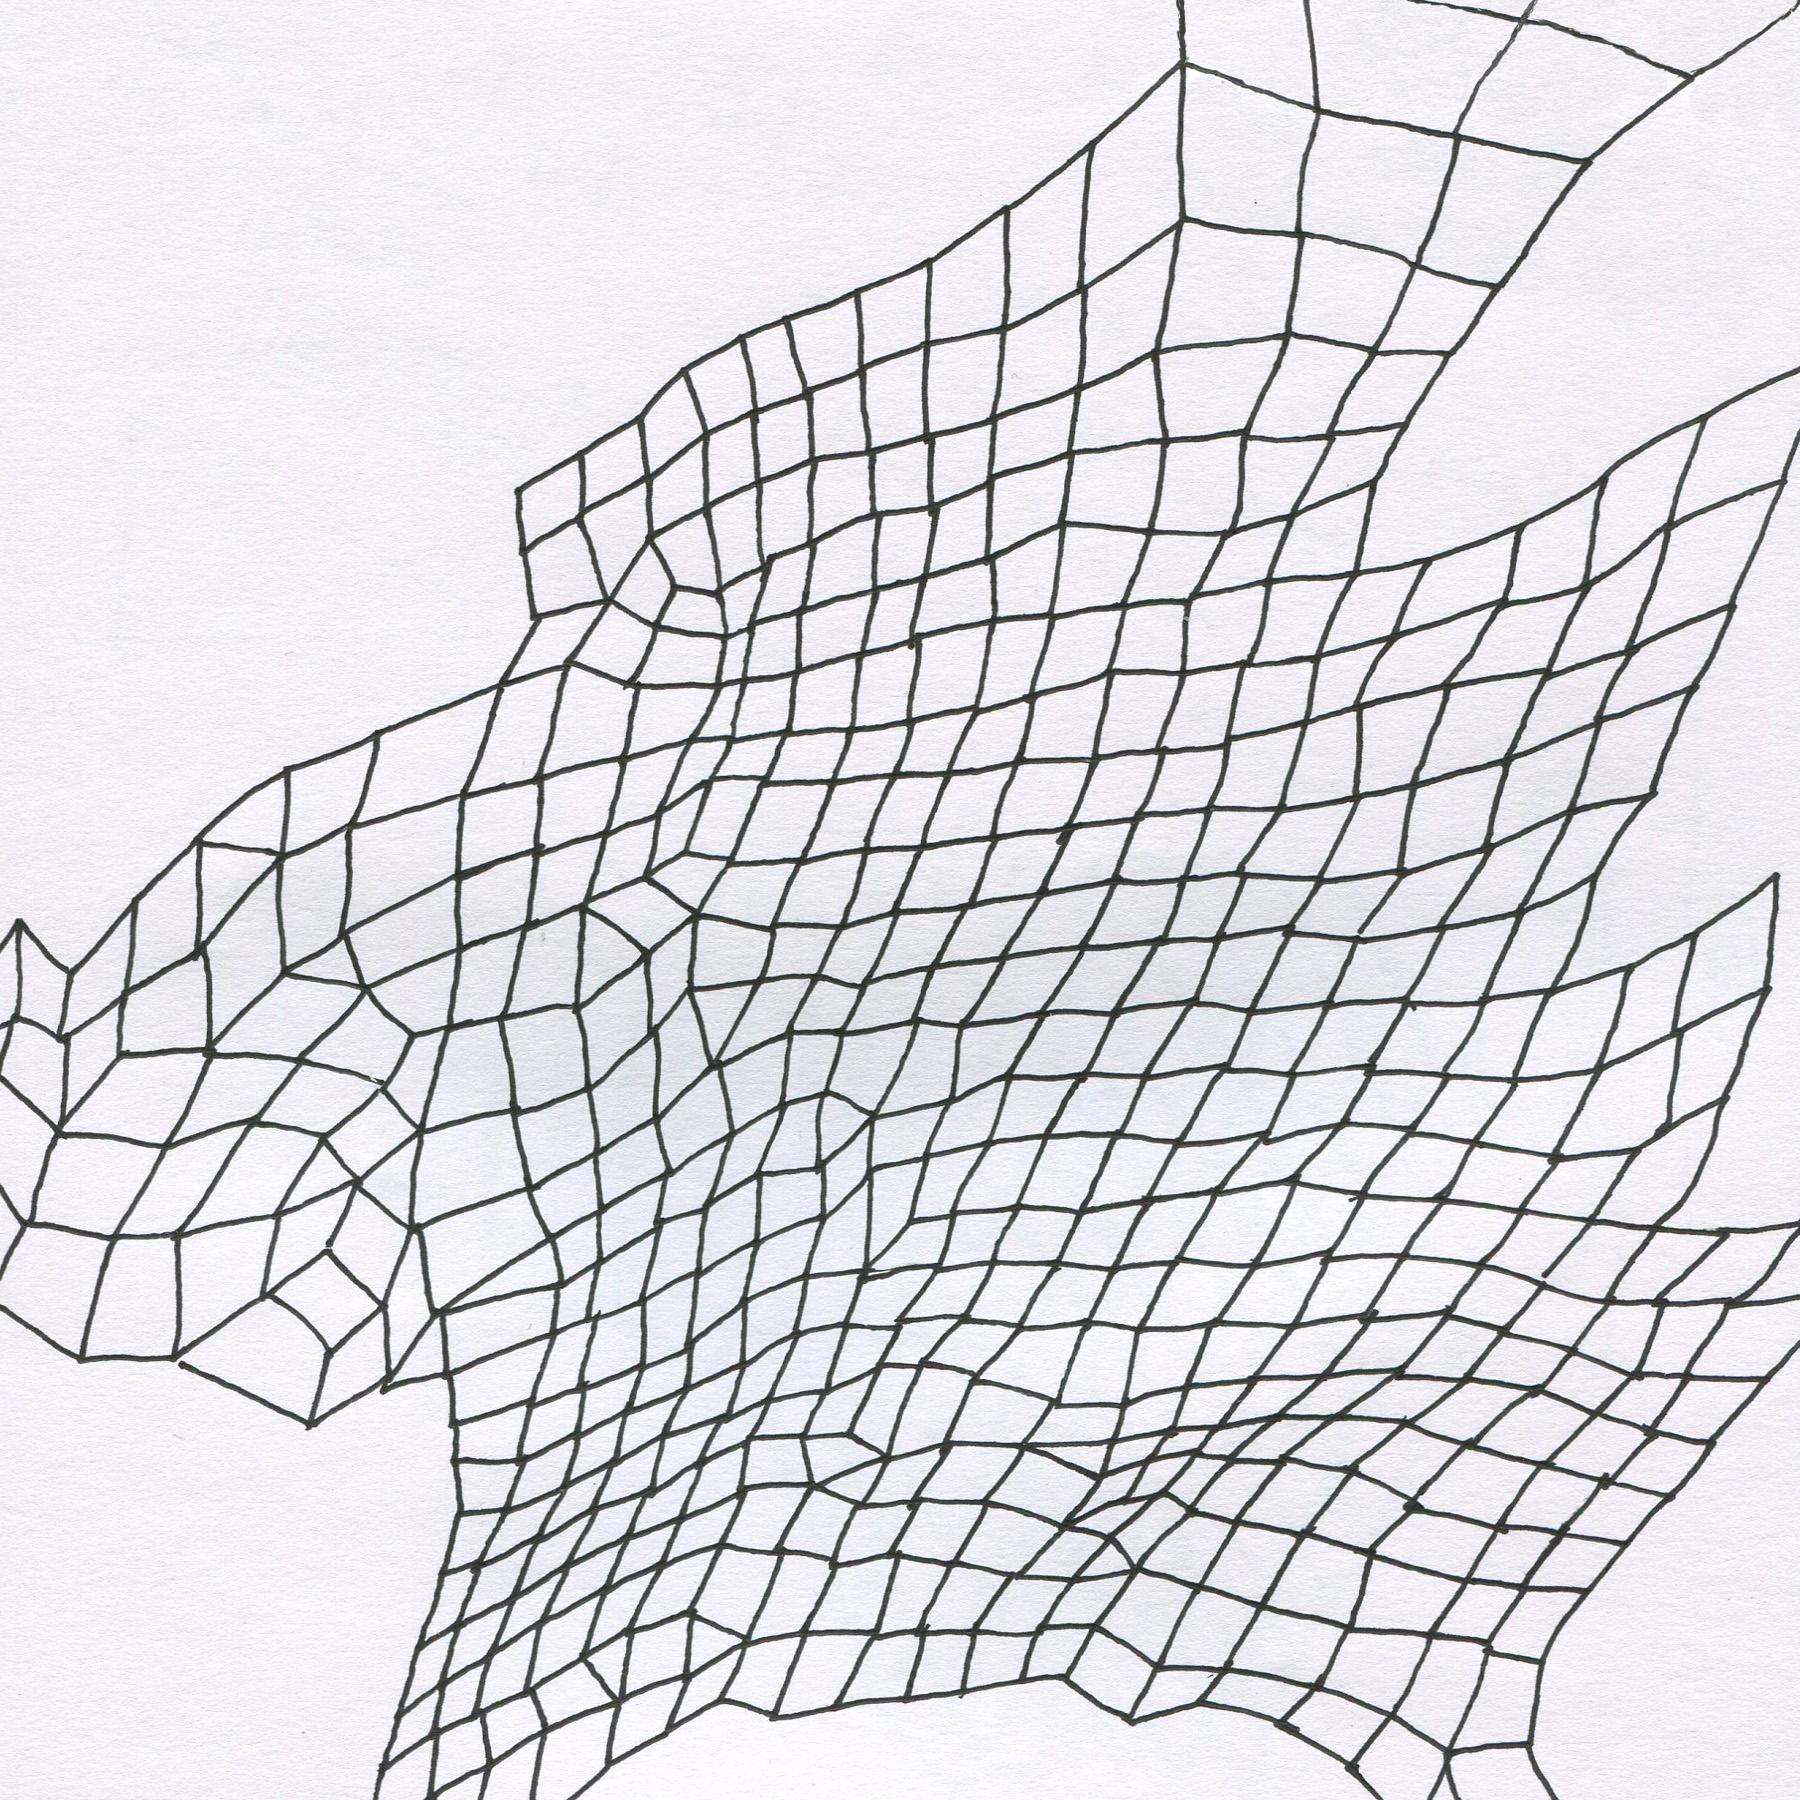 latticework3.jpg